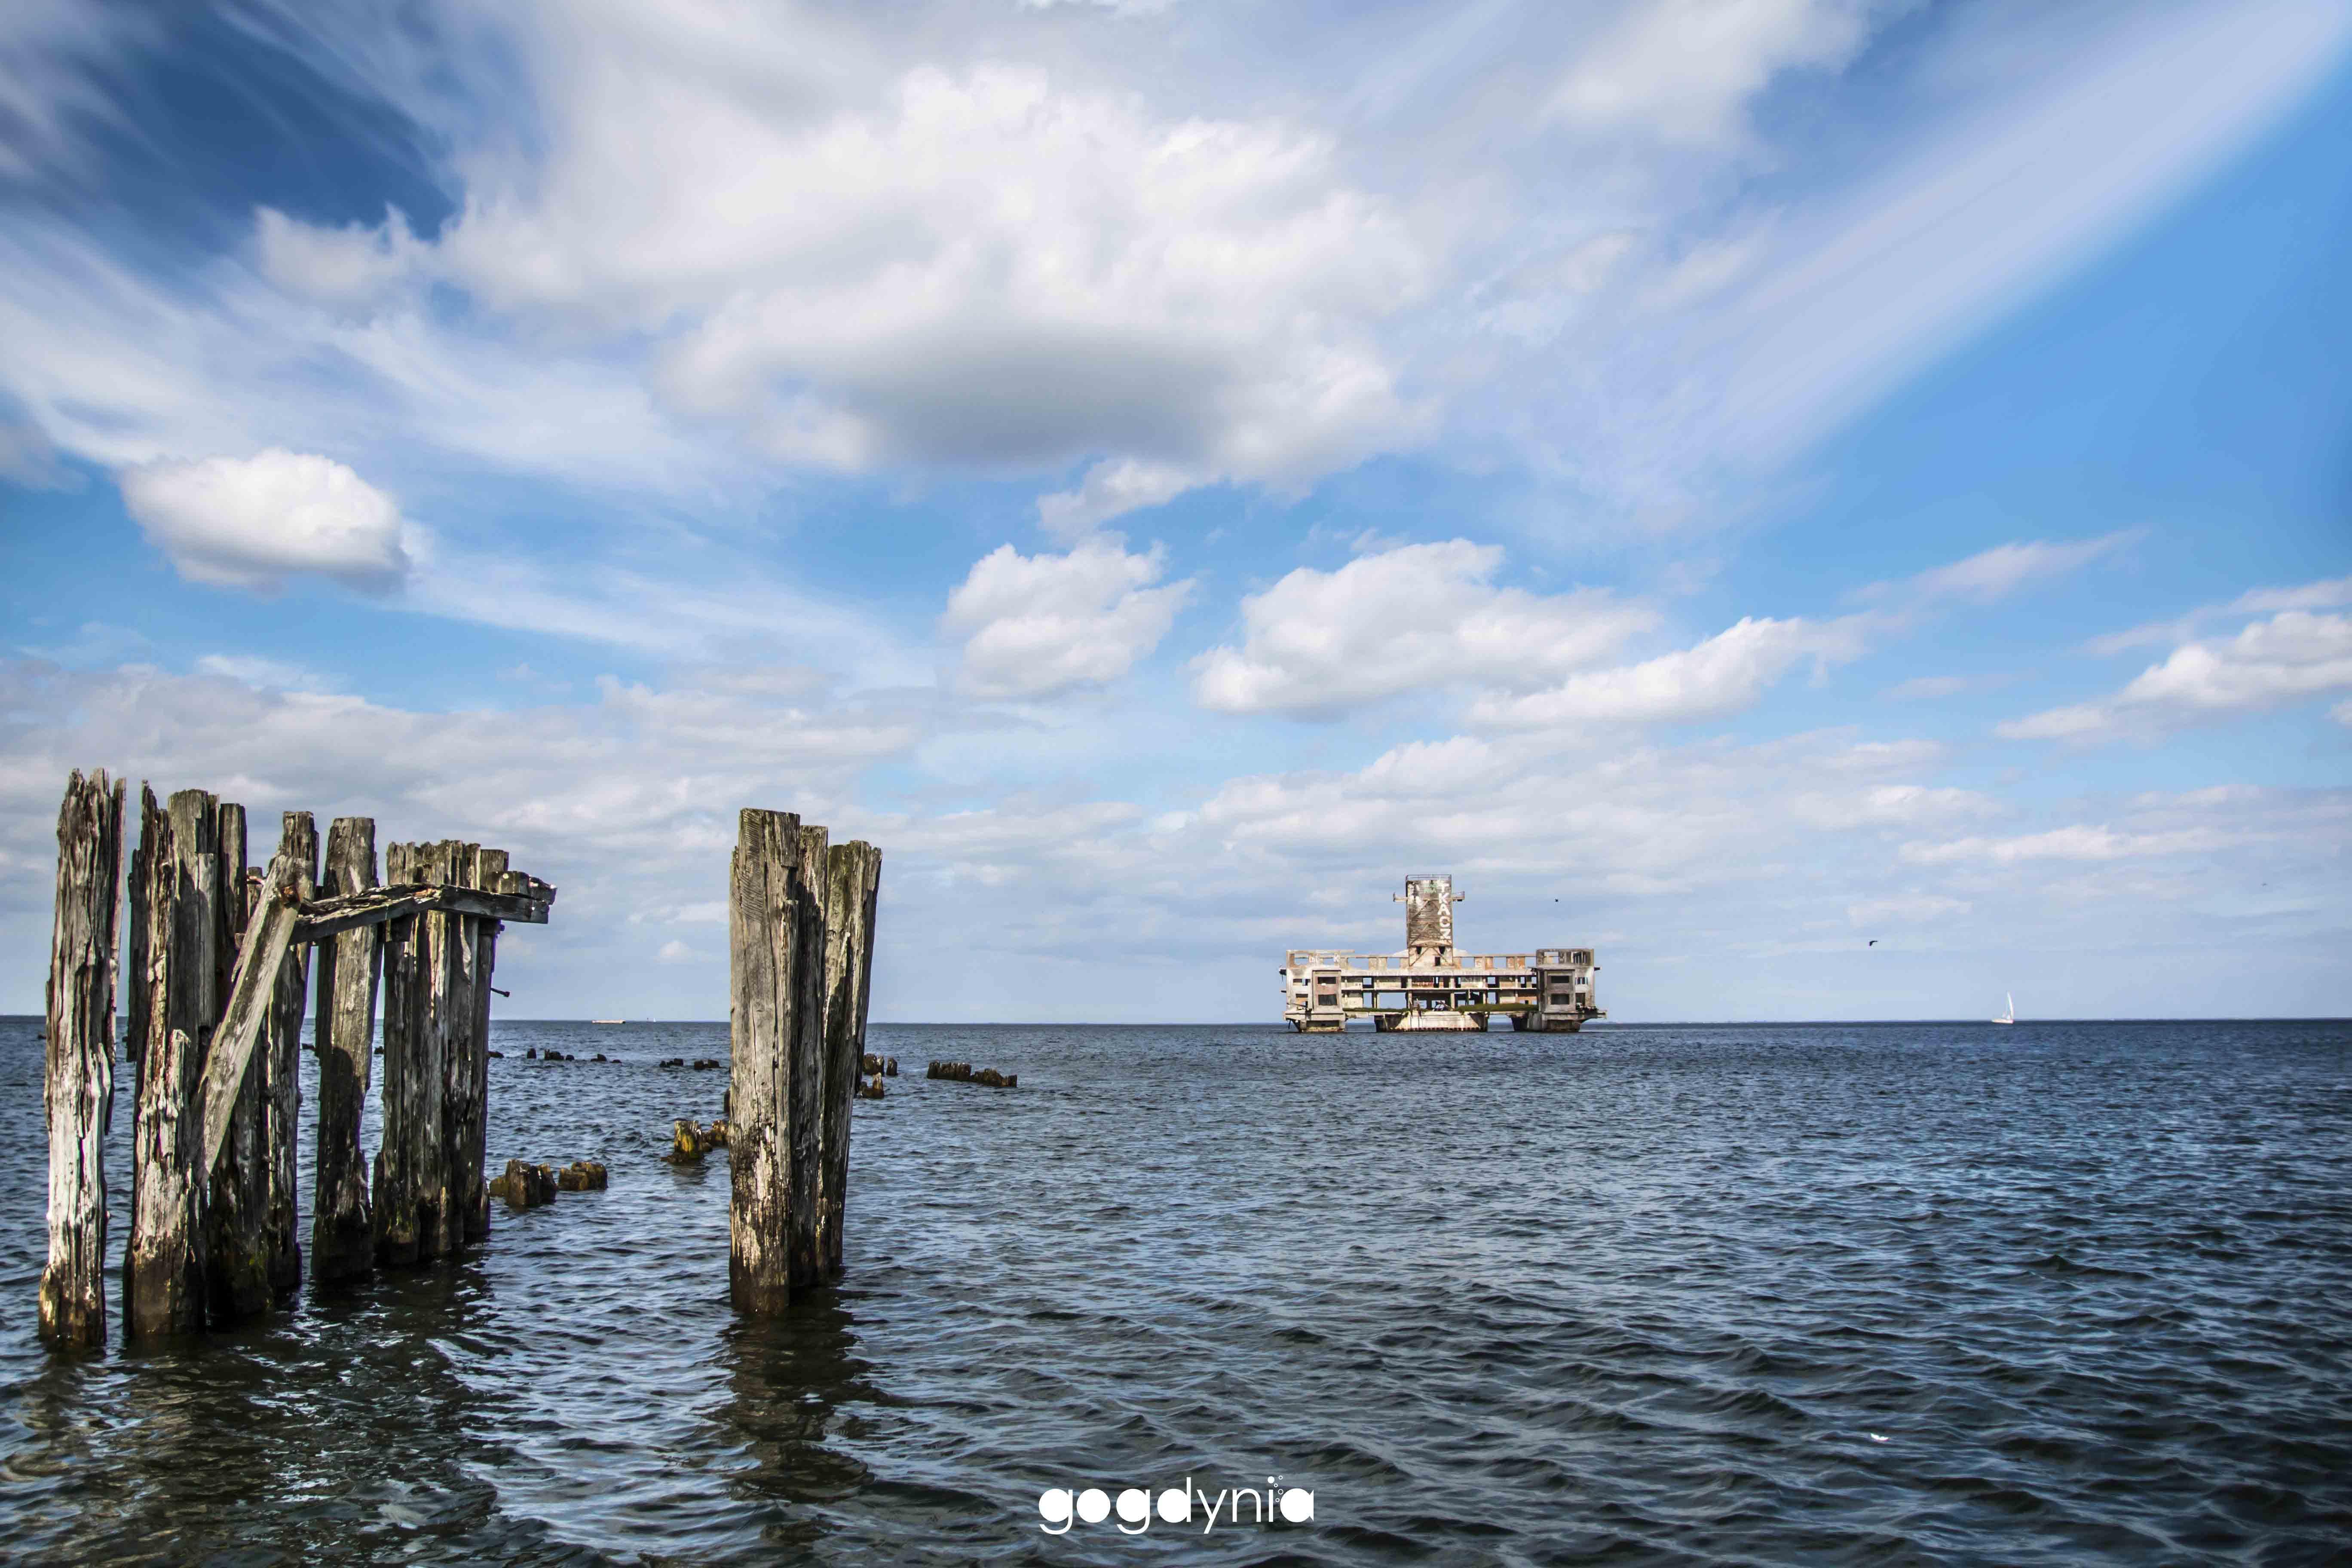 Torpedownia Babie Doły - gogdynia